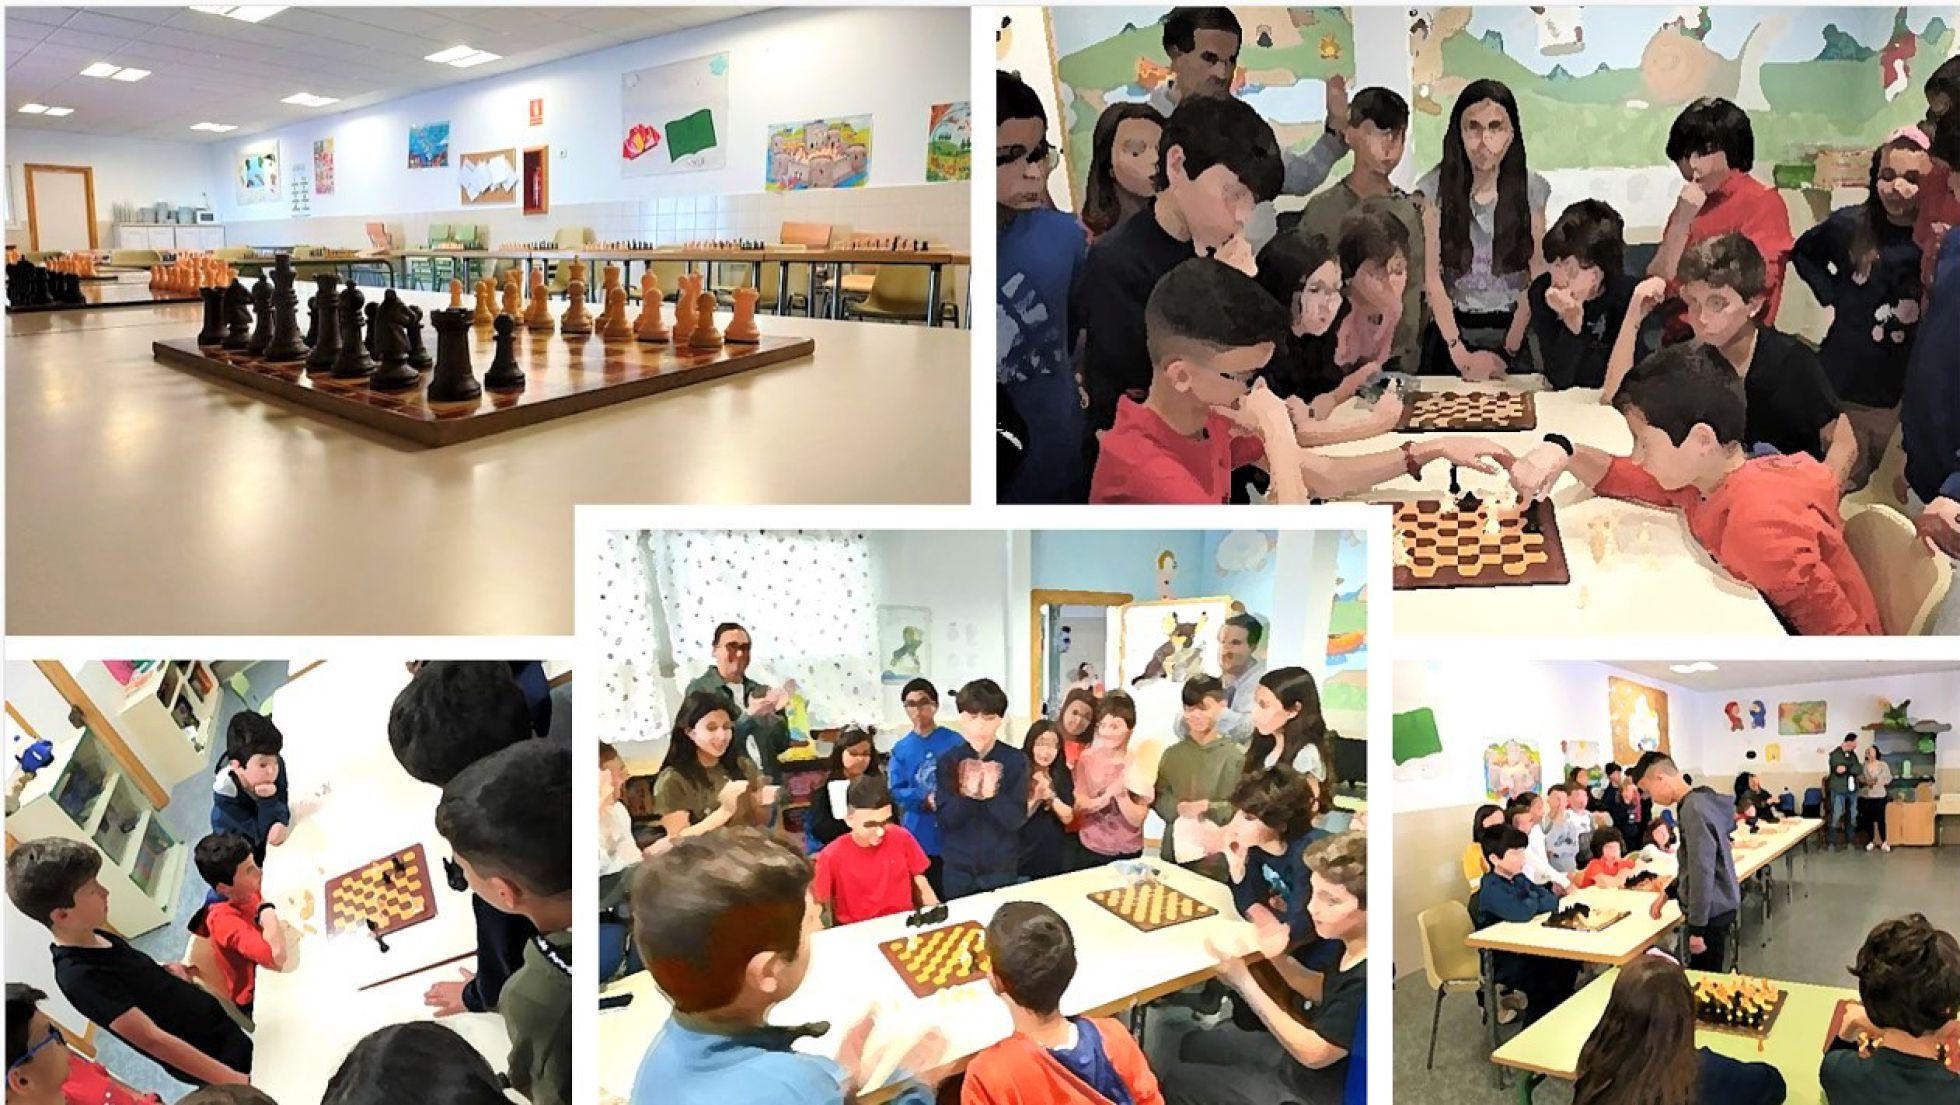 Simultanea de ajedrez. Marcos de 13 años, jugando con 16 finalistas del torneo de ajedrez | COLEGIO PÚBLICO 'CALYPO'